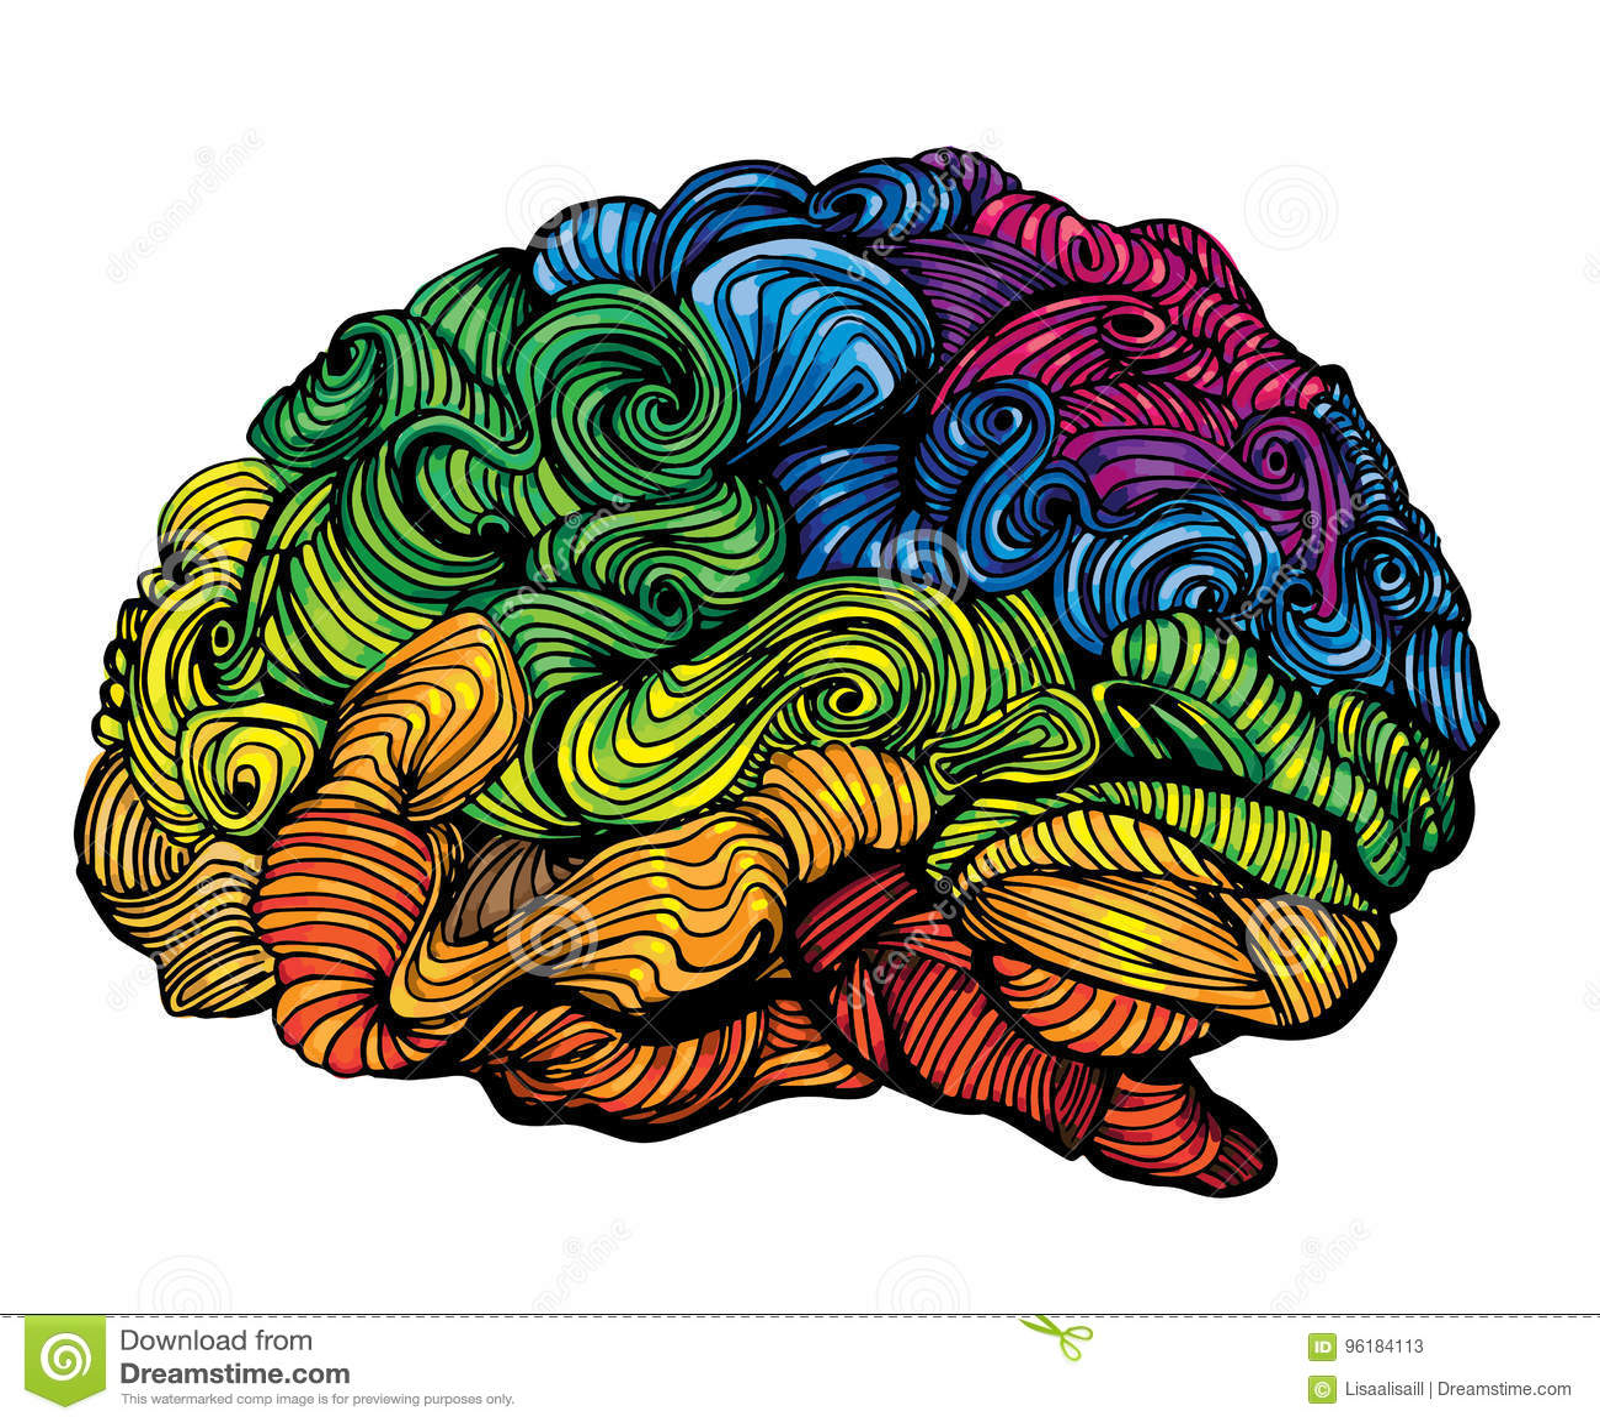 Brain Idea Illustration Klottervektorbegrepp om mänsklig hjärna Idérik illustration med den kulöra hjärnan och grå färger